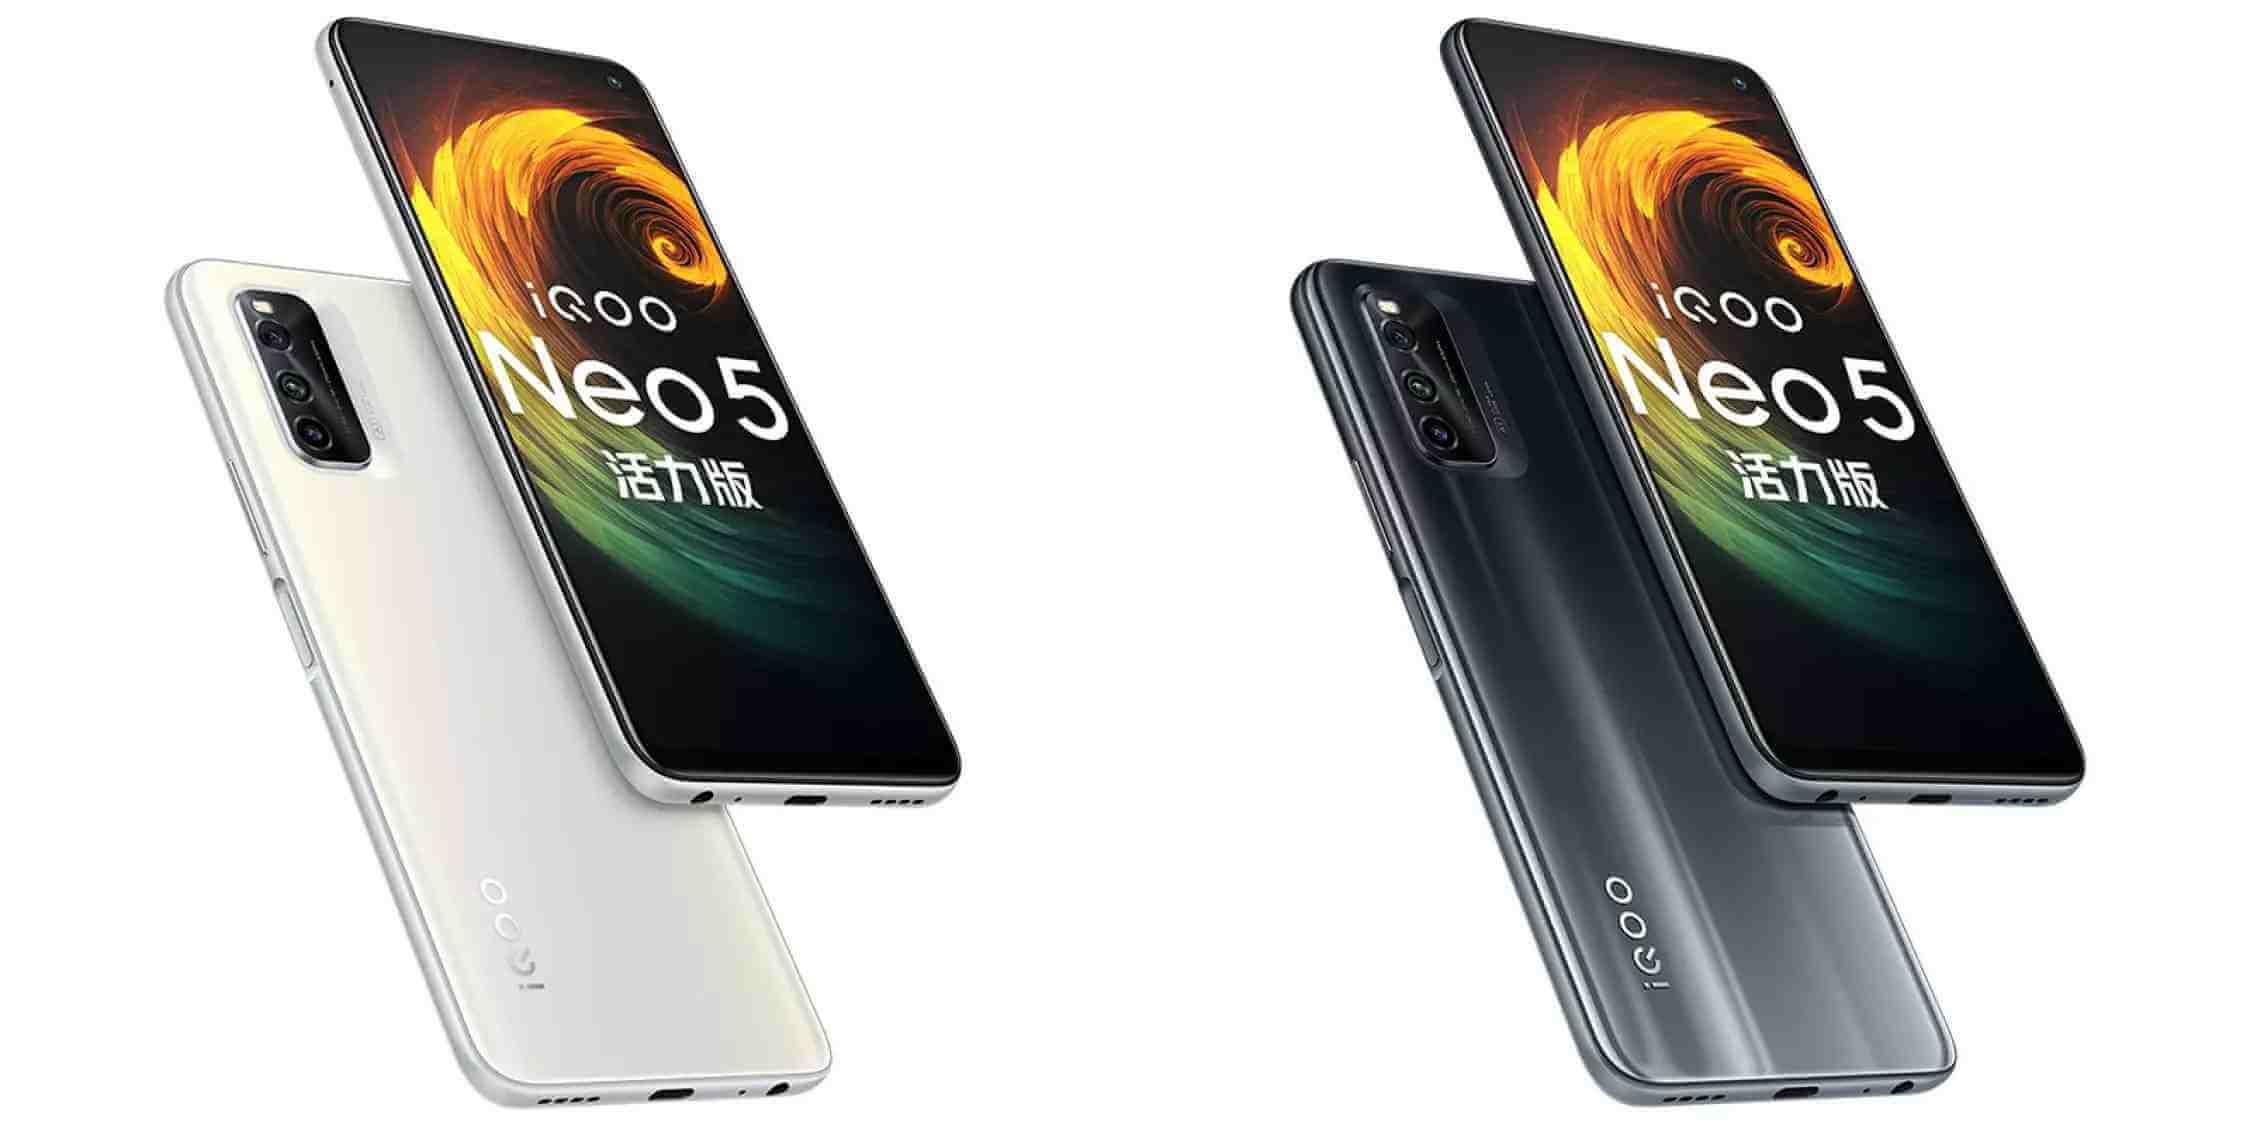 Представлен iQOO Neo 5 Vitality Edition с дисплеем 144 Гц и зарядкой на 44 Вт